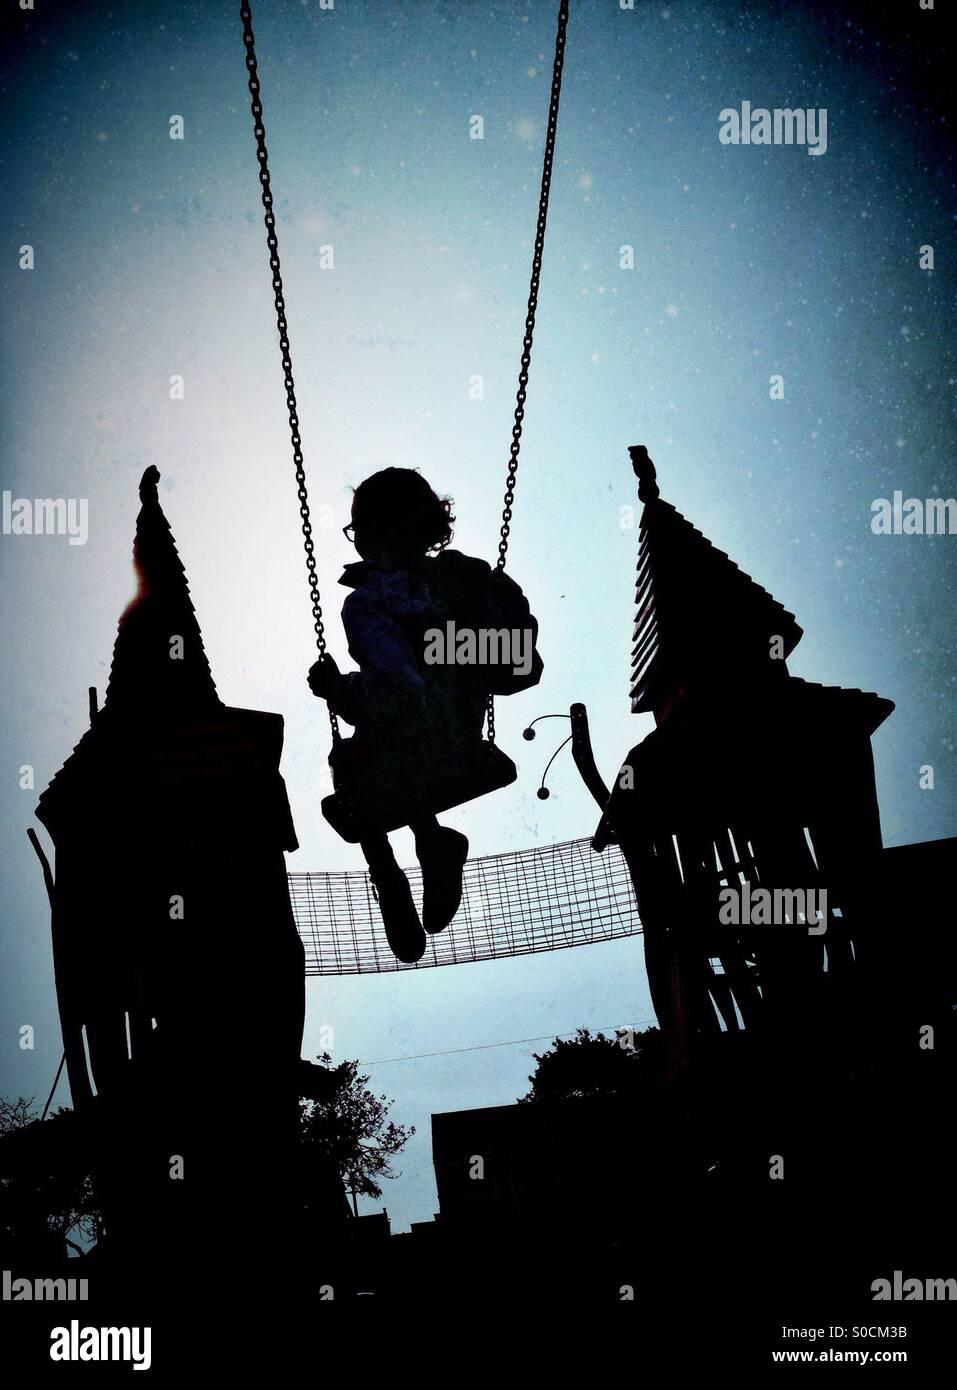 Giovane ragazza su altalena in silhouette con castello delle favole in background. Con atmosfera del tramonto e Immagini Stock